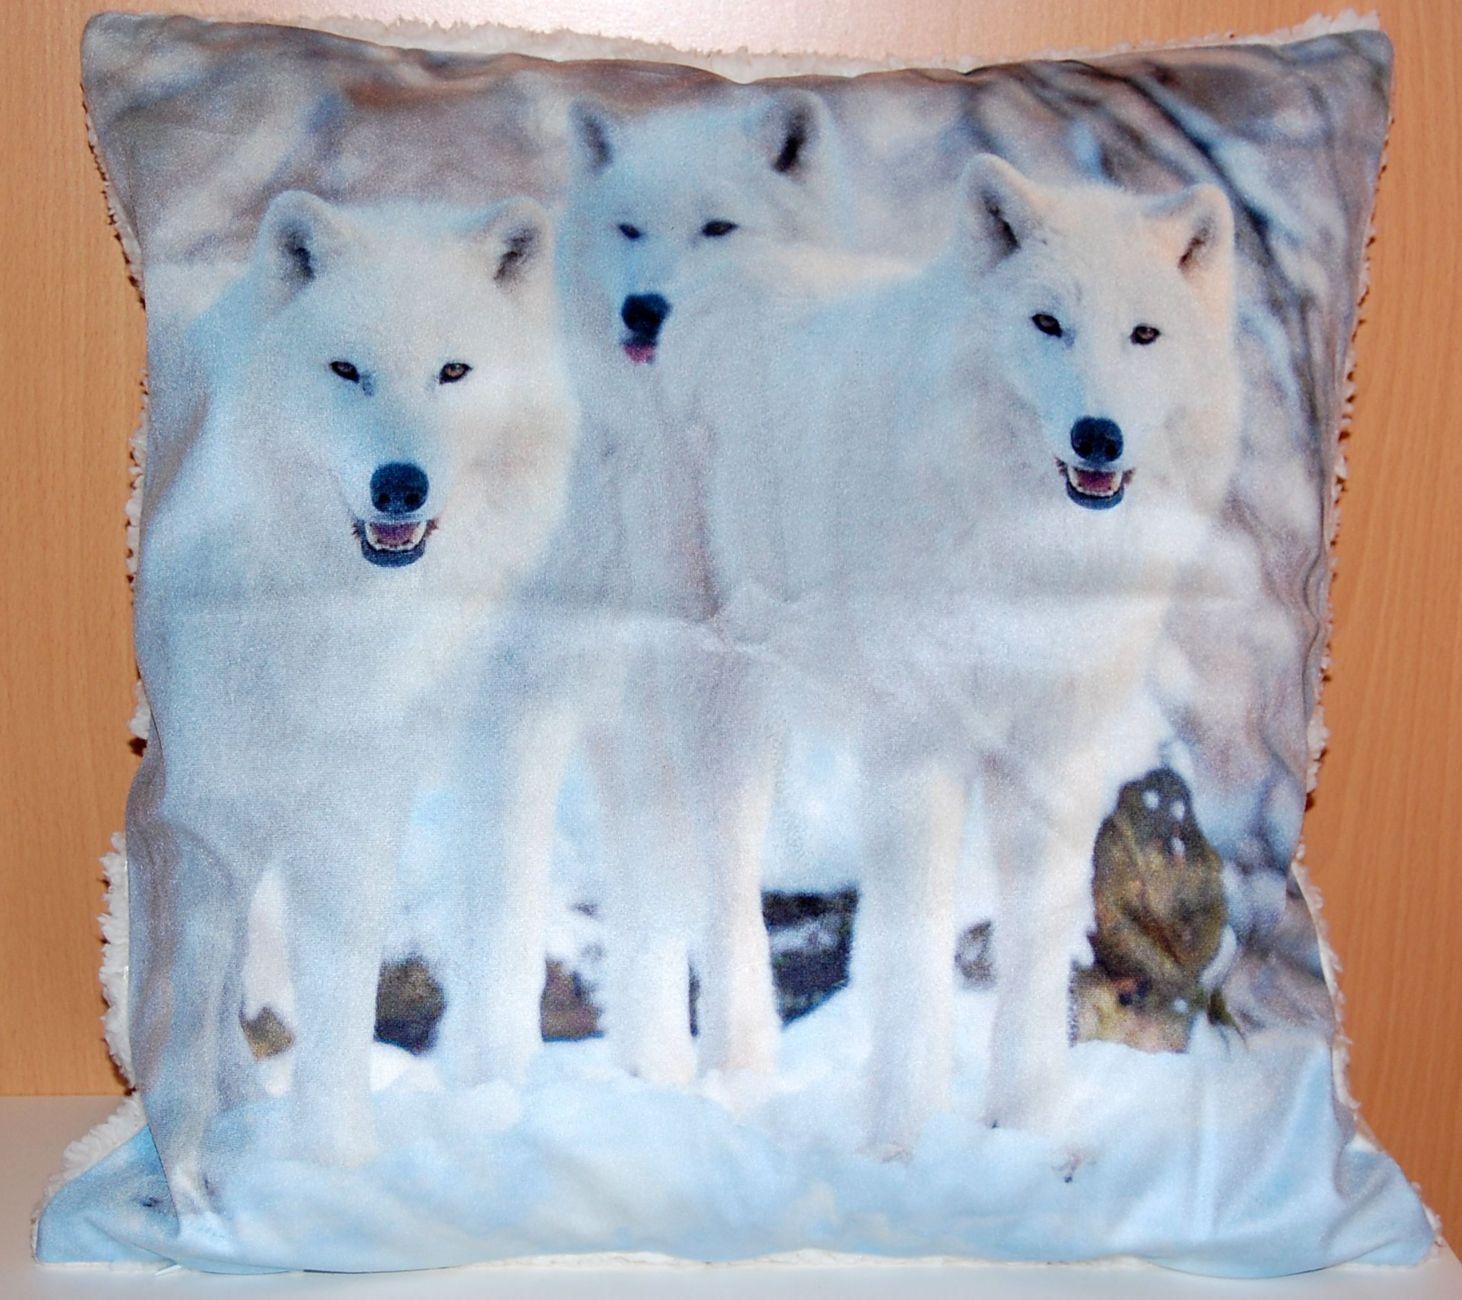 fotokissen 50x50 cm weihnachten kissenh lle pl schkissen kissenbezug kissen sofa. Black Bedroom Furniture Sets. Home Design Ideas